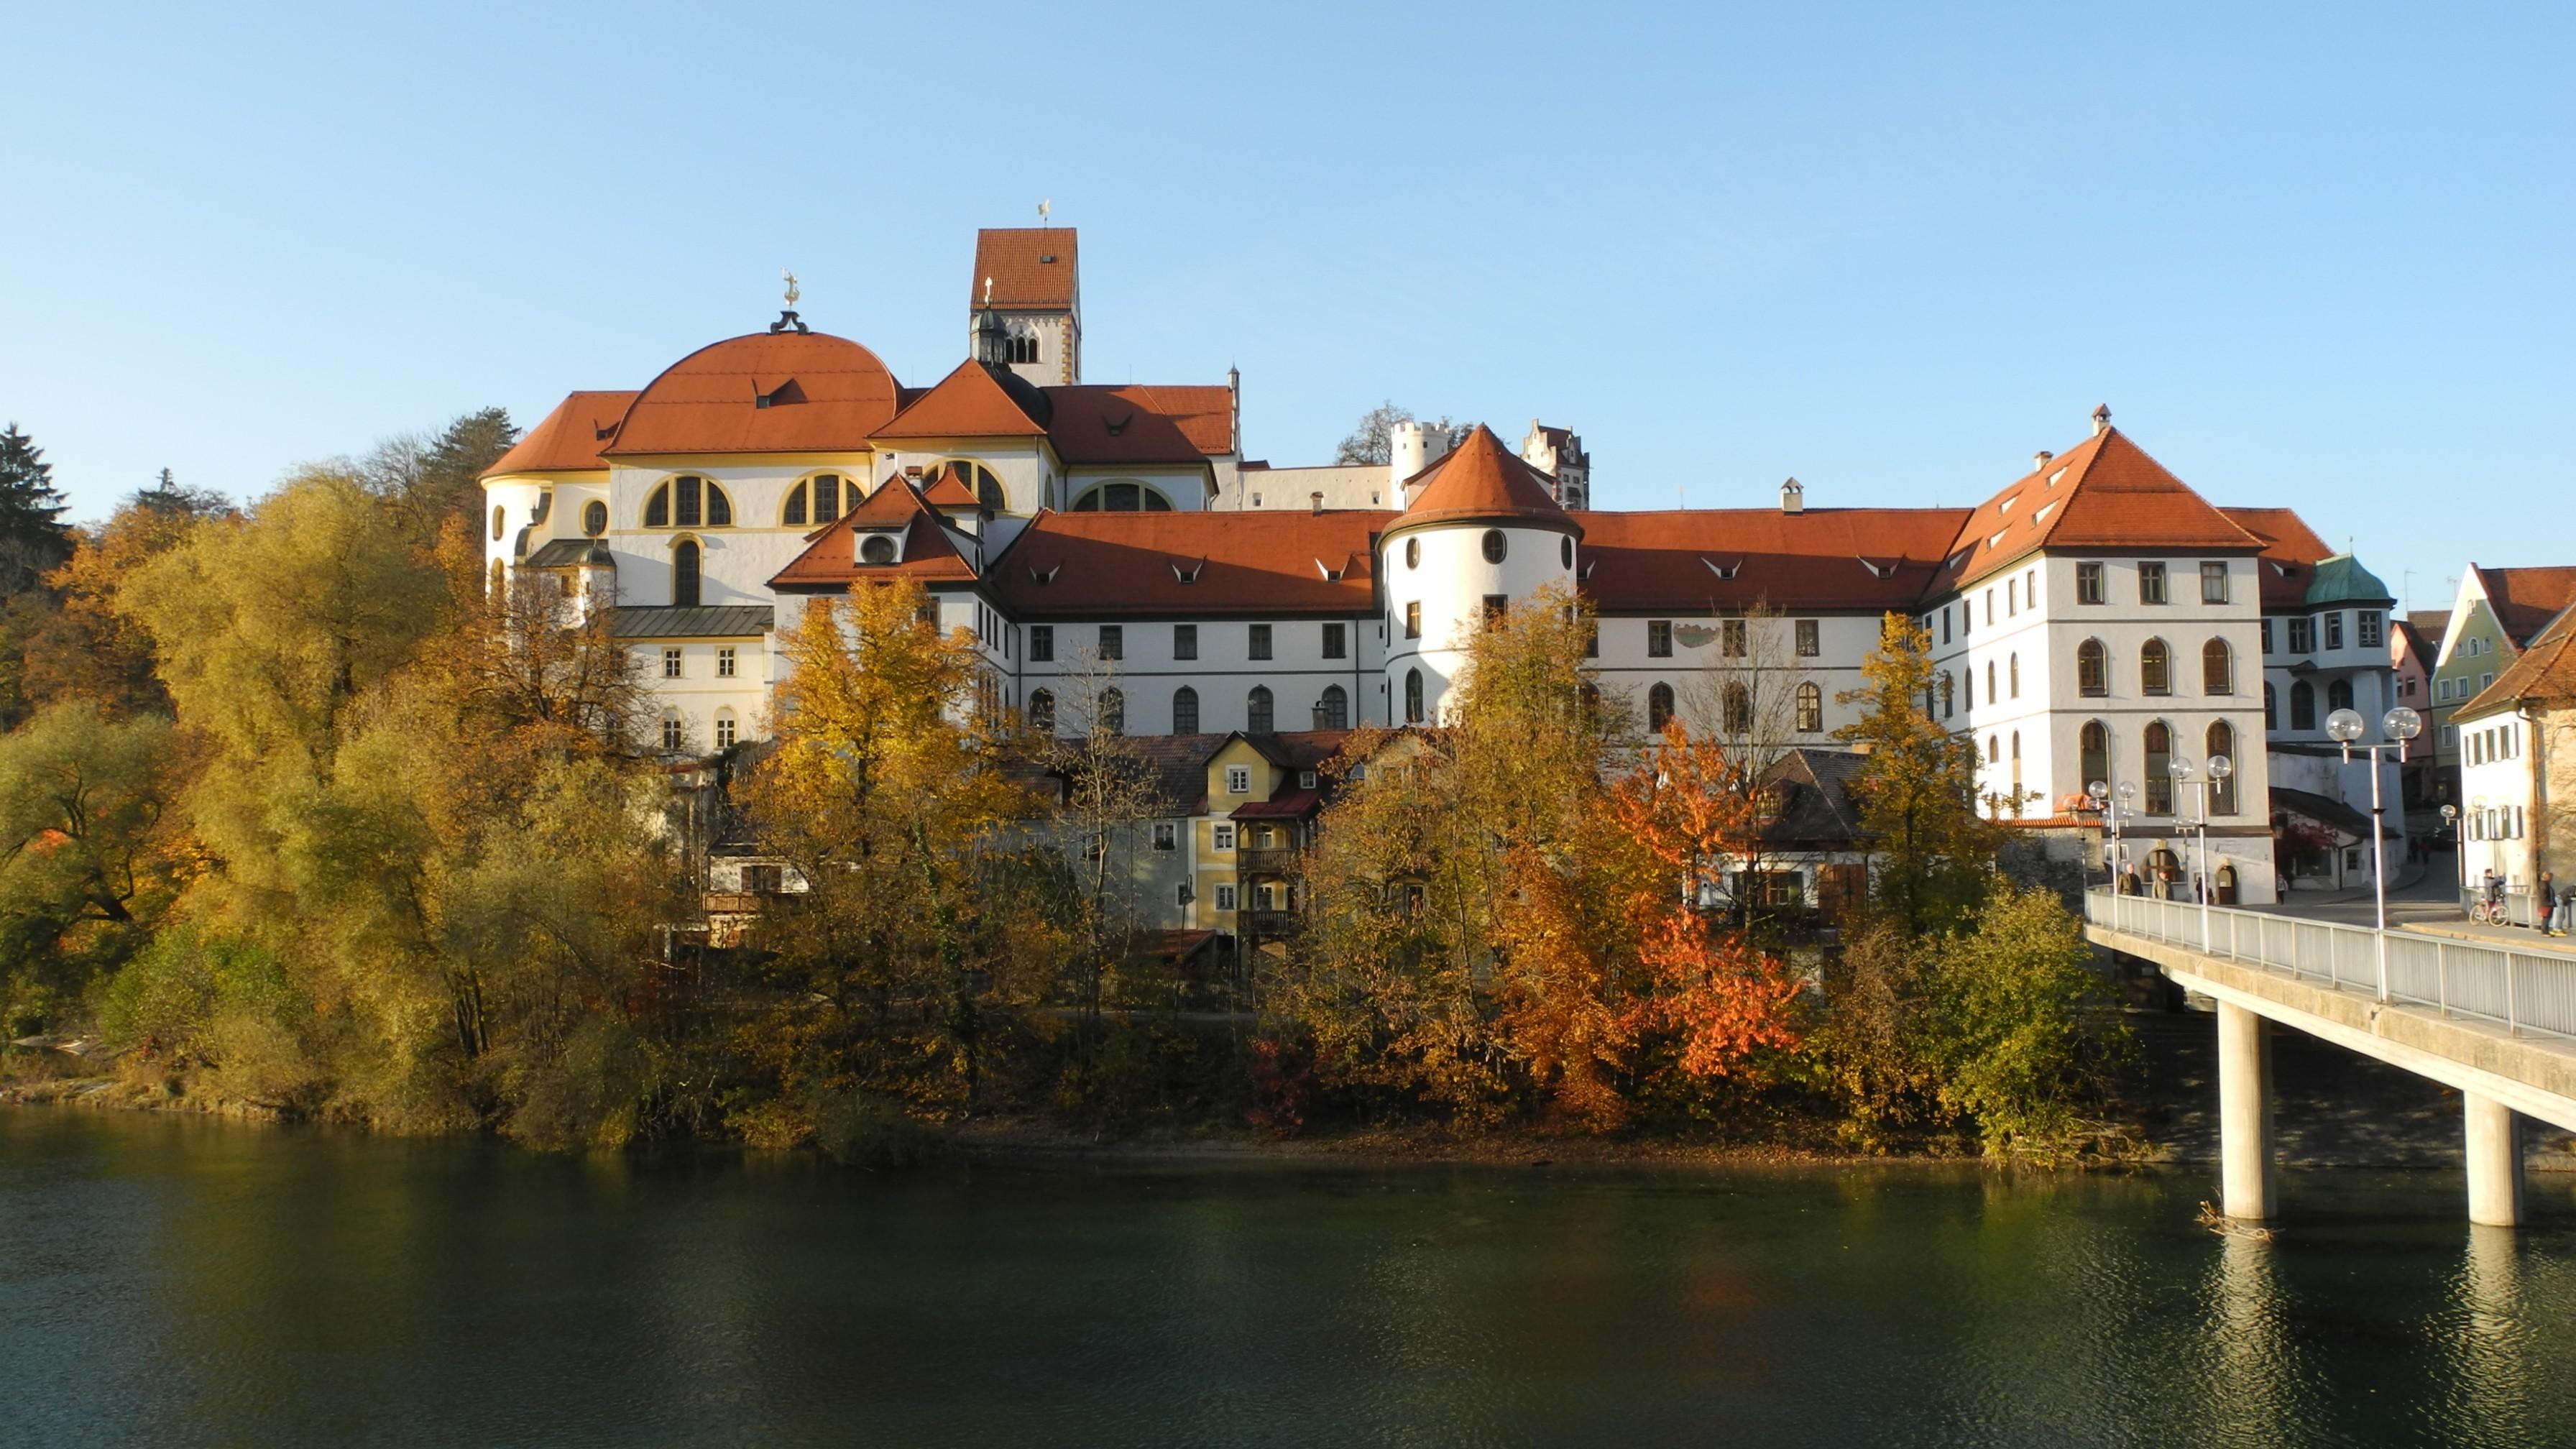 https://upload.wikimedia.org/wikipedia/commons/1/1c/F%C3%BCssen_-_Kloster_Sankt_Mang_und_Hohes_Schloss_%C3%BCber_dem_Lech.JPG